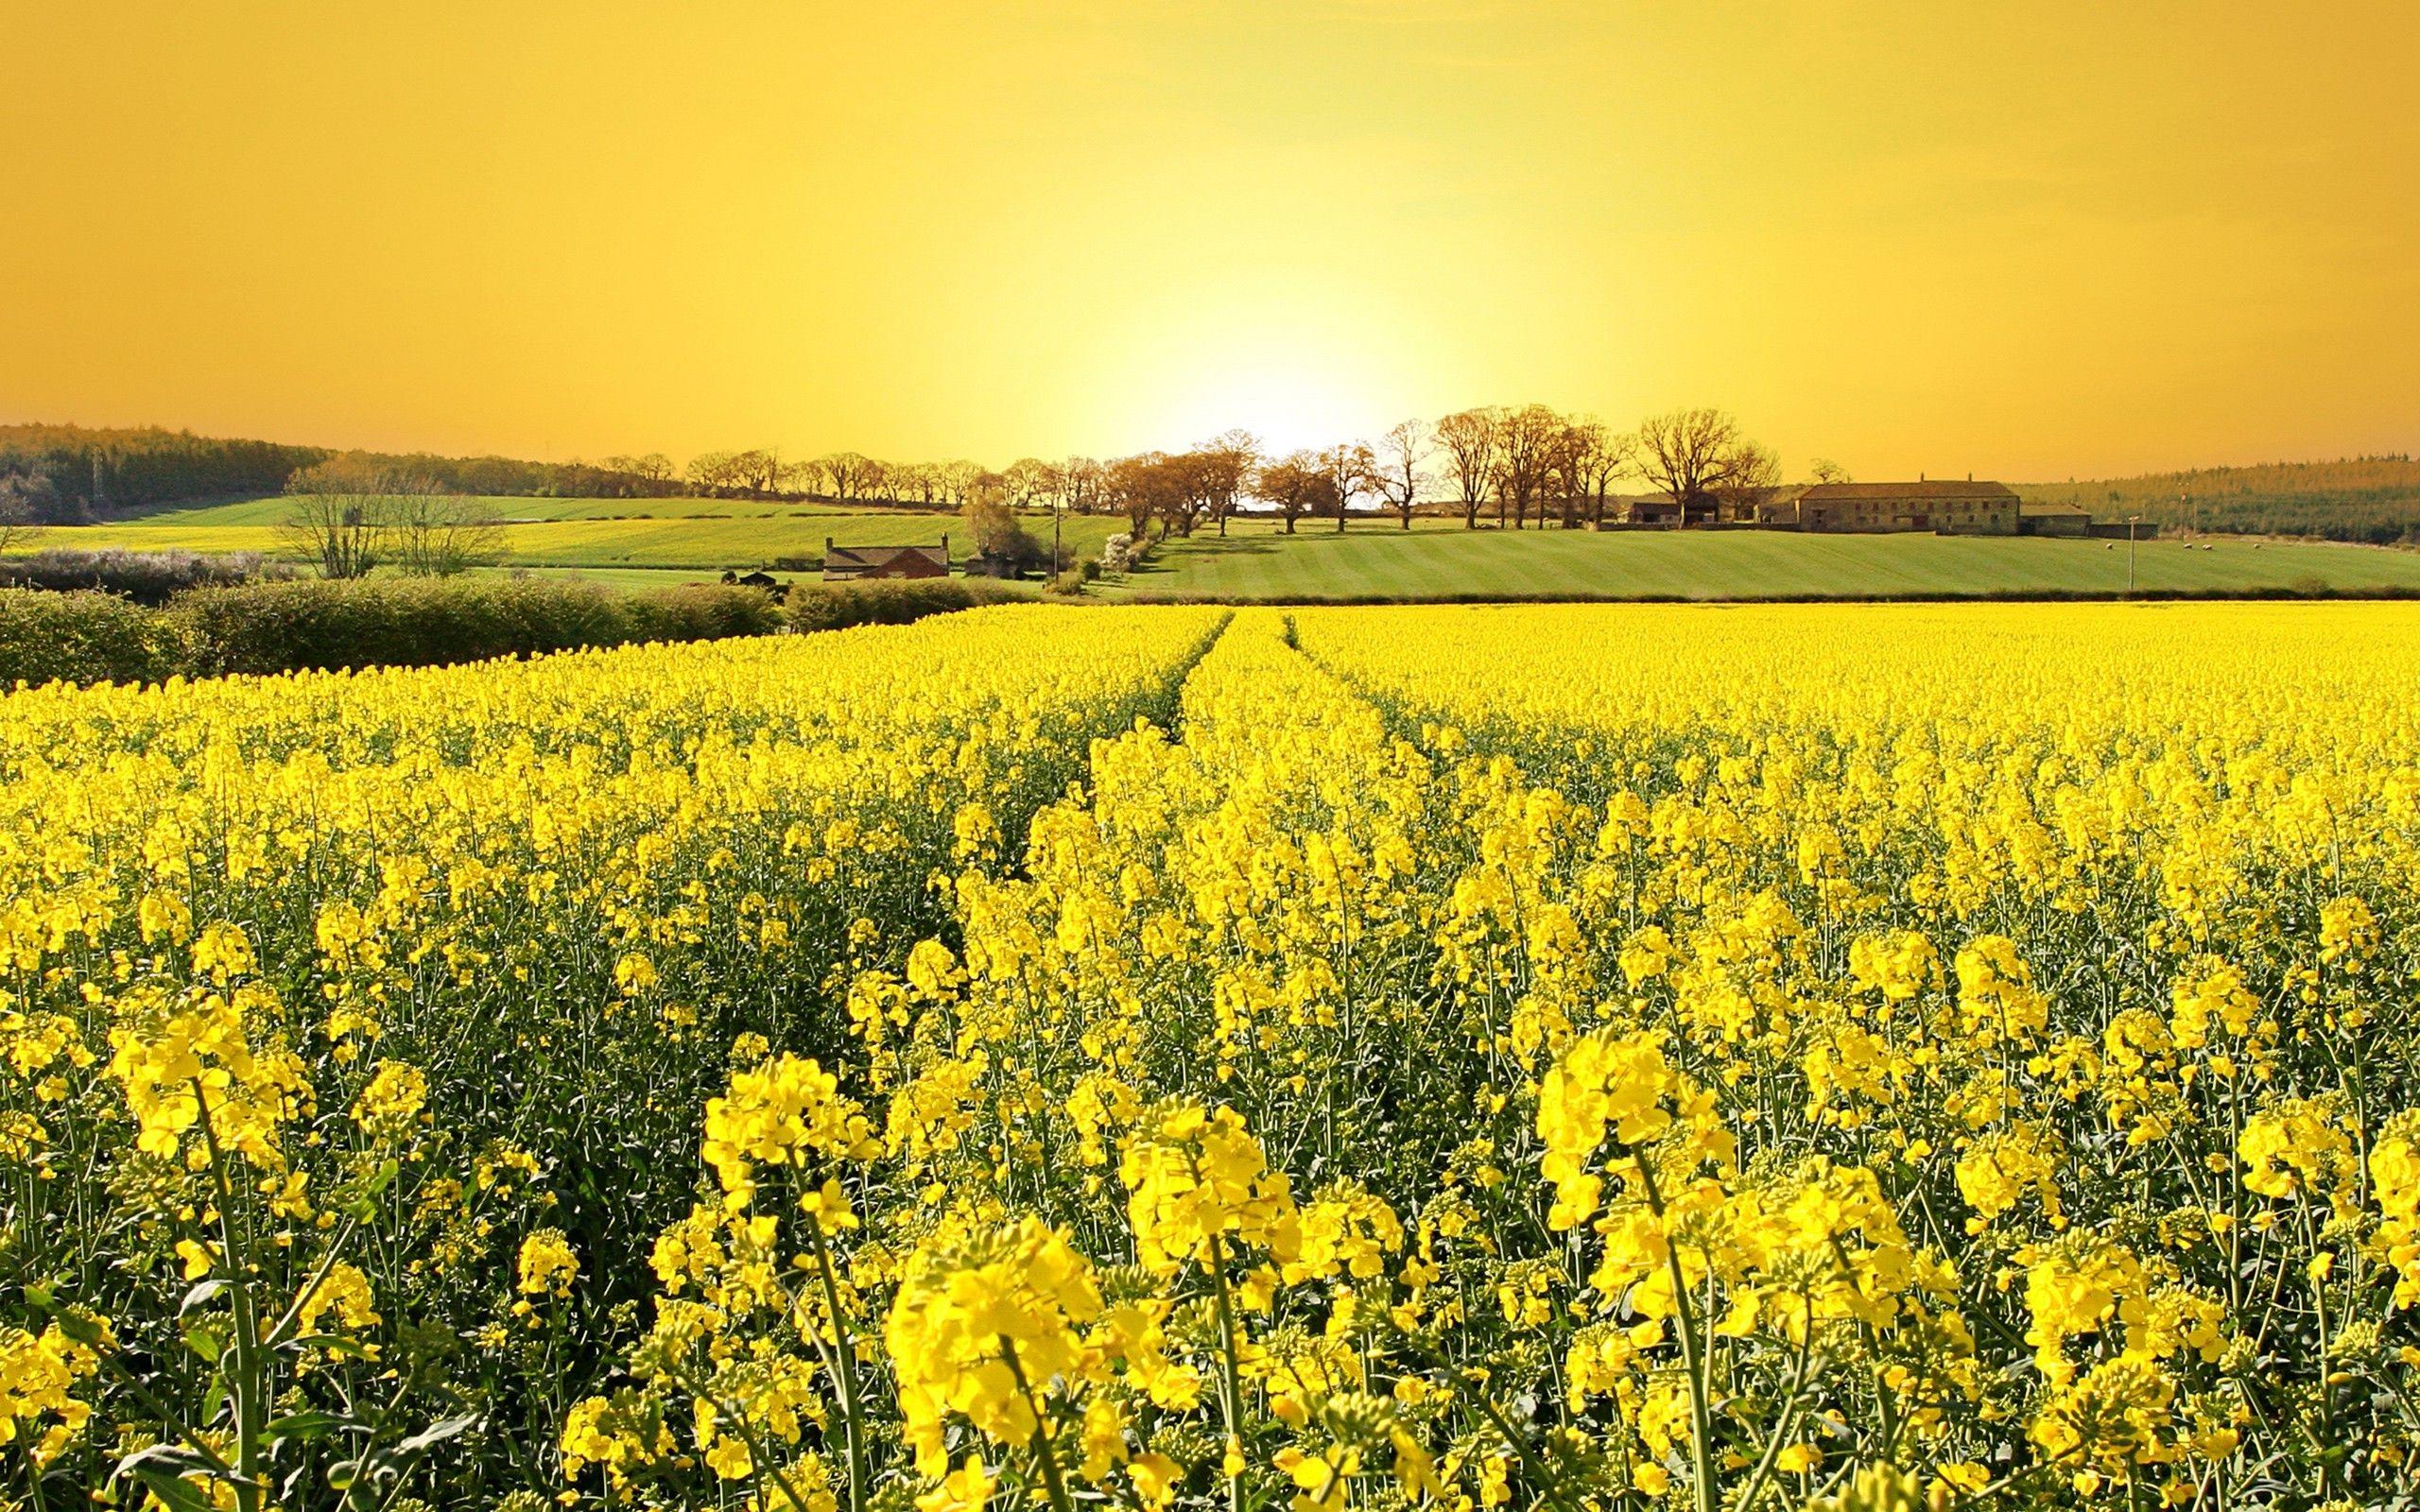 Rapeseed Landscape Field Flowers Yellow Flowers Yellow Fields Spring Flowers Wallpaper Field Wallpaper